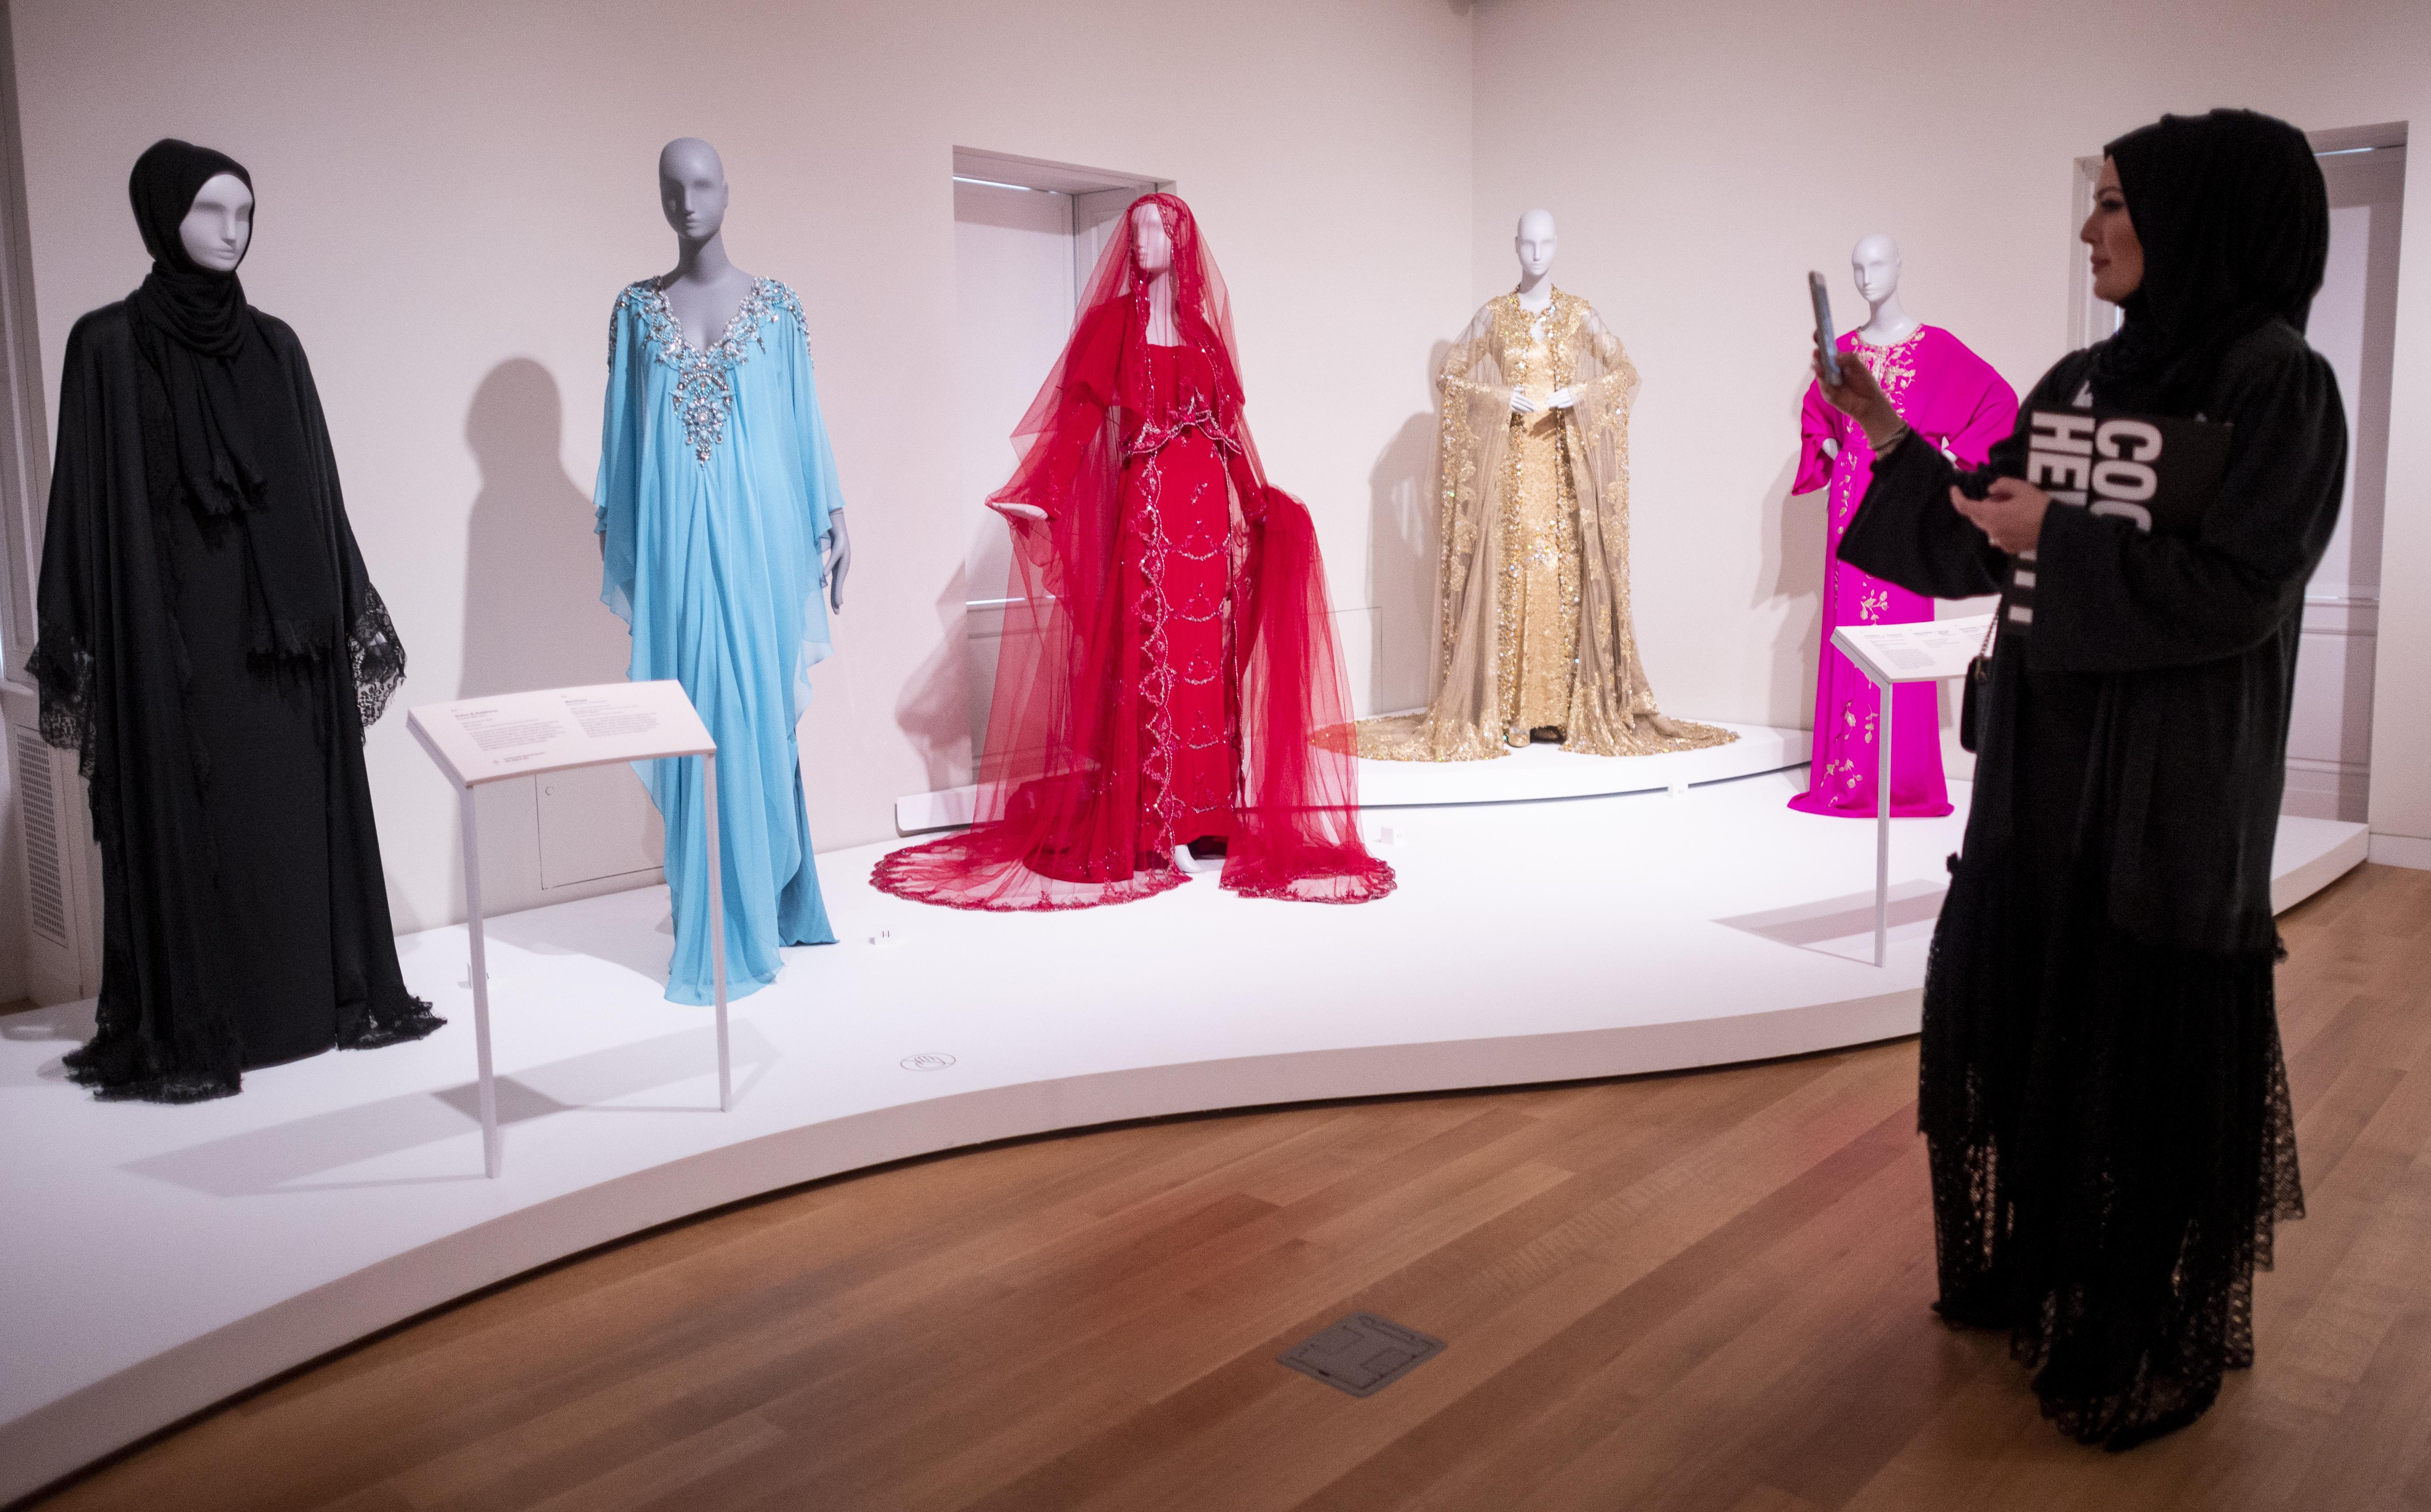 600 ezer euró értékben loptak el luxuscikkeket egy szaúdi hercegnő párizsi otthonából